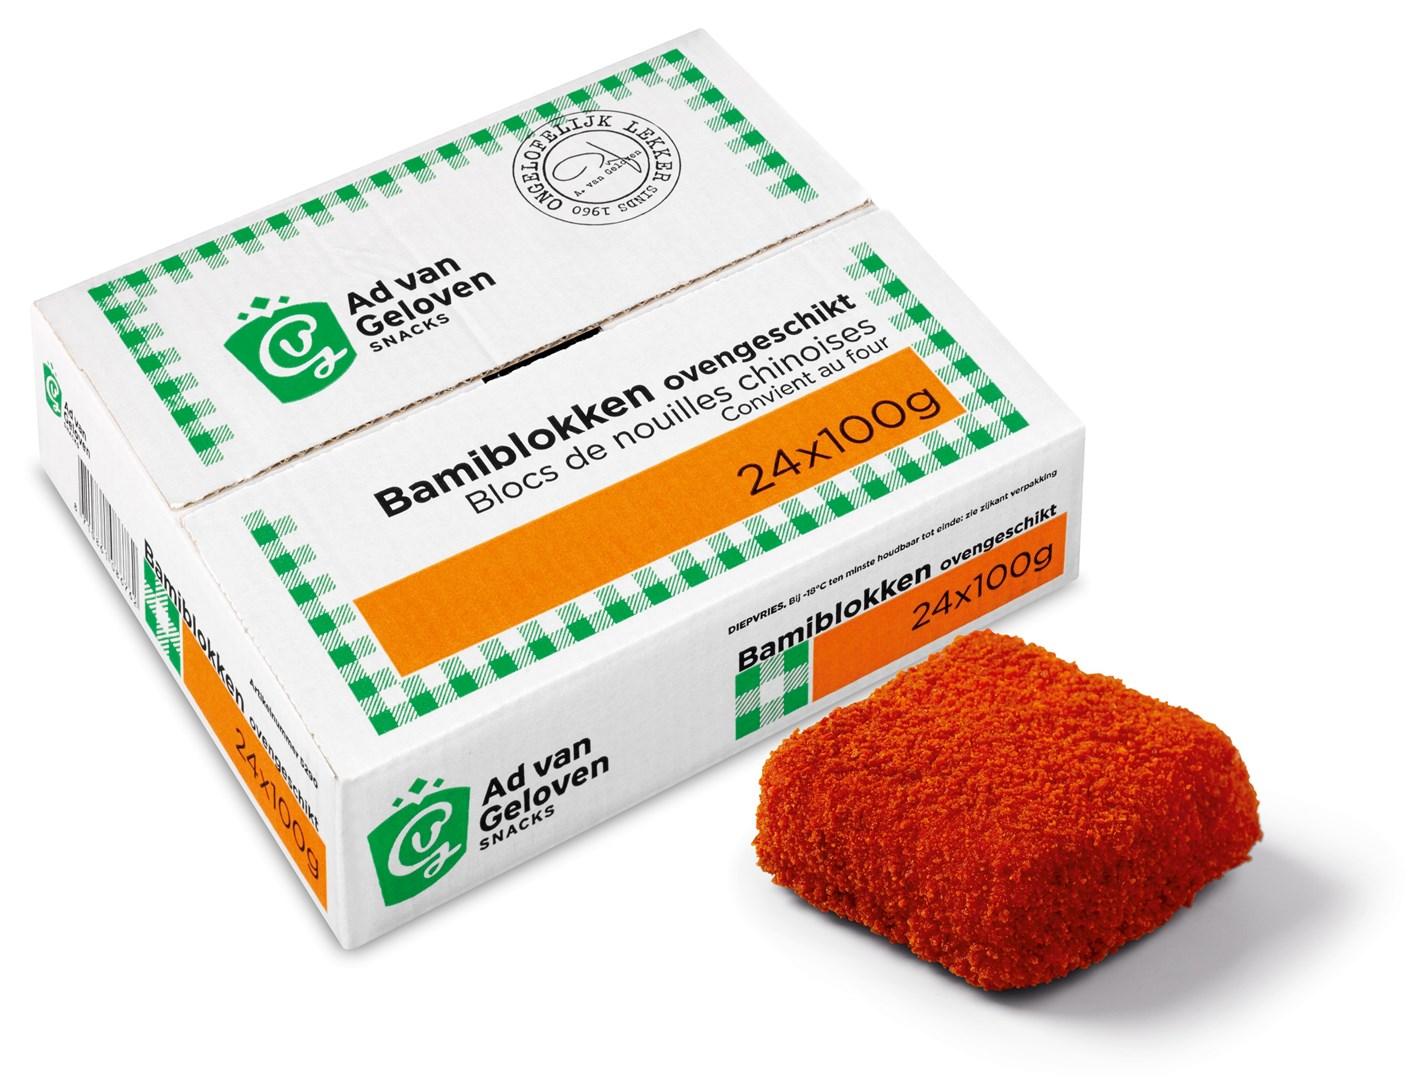 Productafbeelding Ad van Geloven Bami Blokken 24 x 100 gram